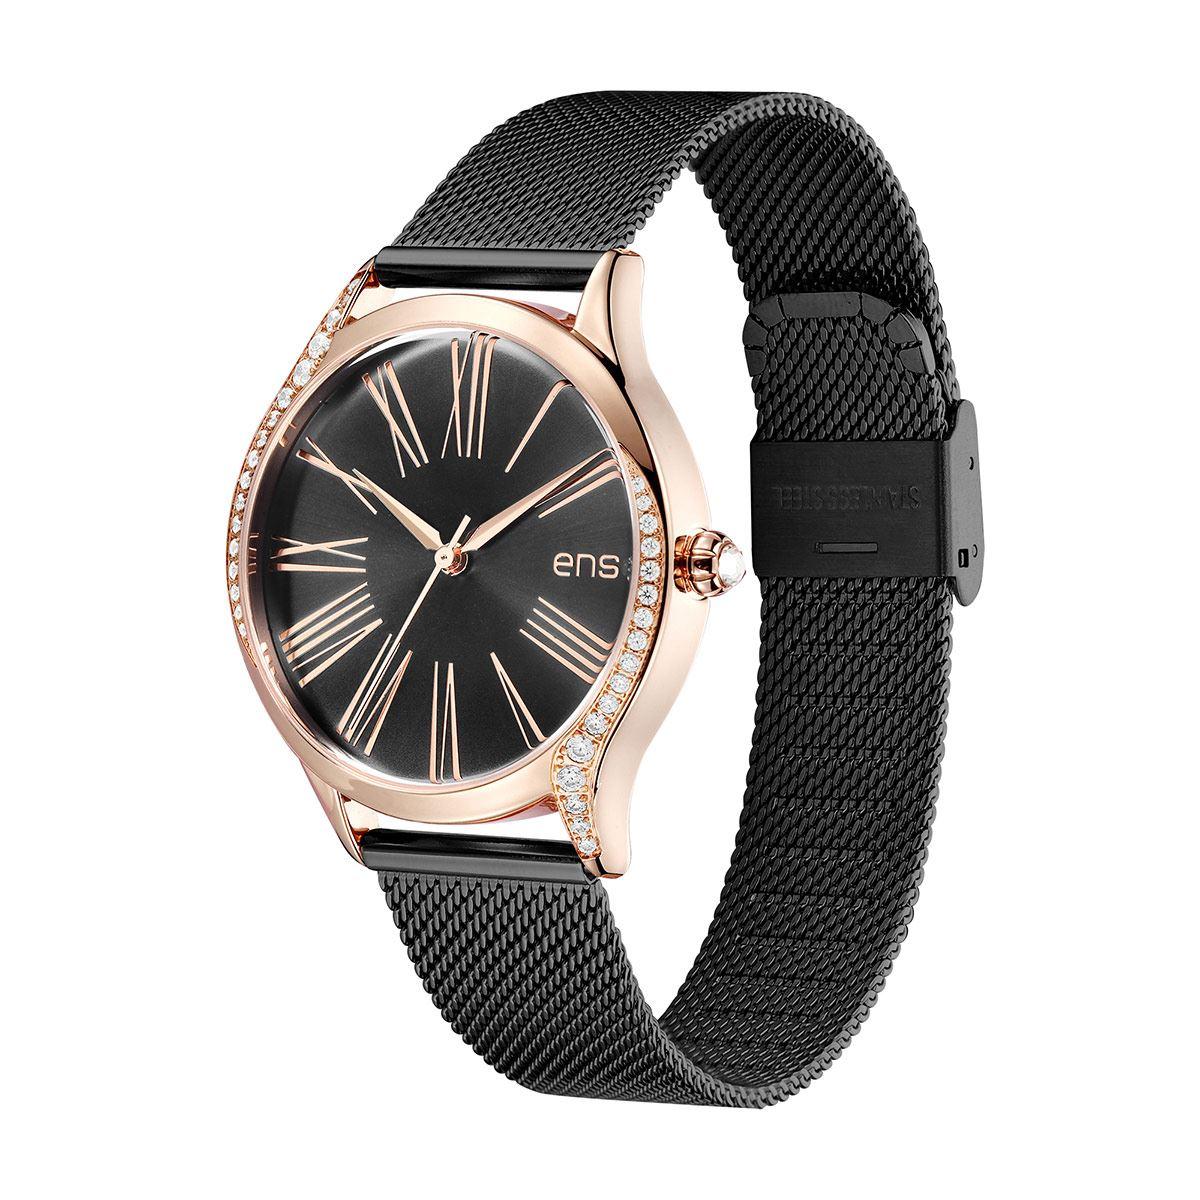 Reloj Enso EW1013L4 de Dama Negro